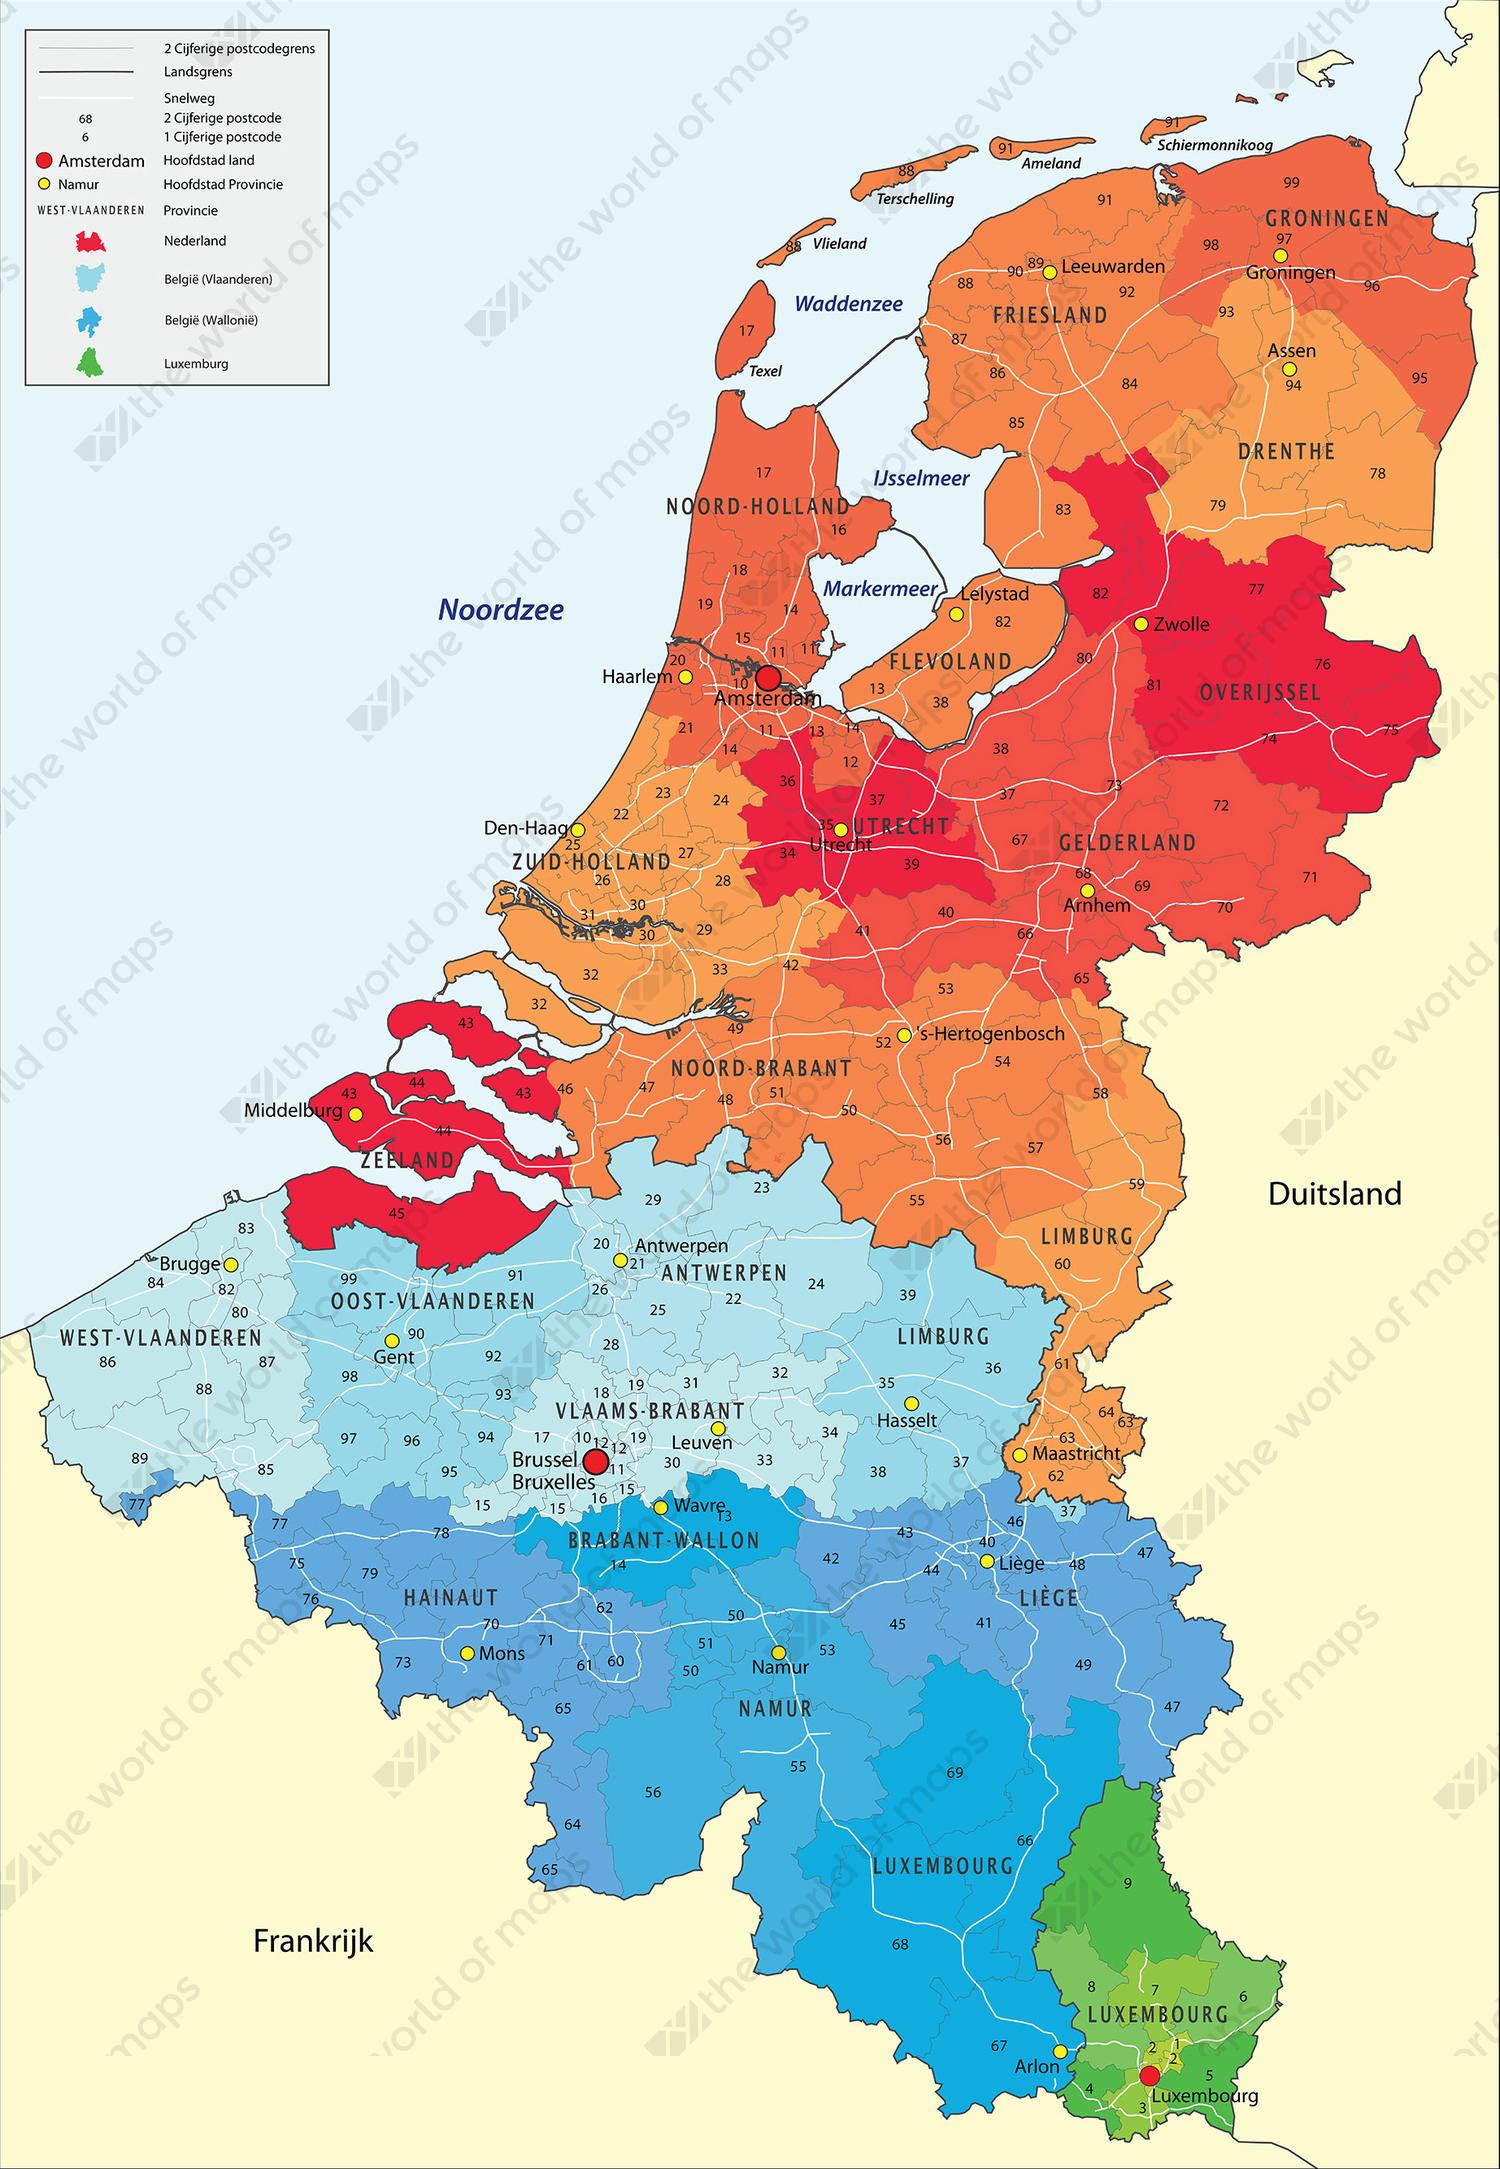 Digital ZIP code map Benelux 2-digit